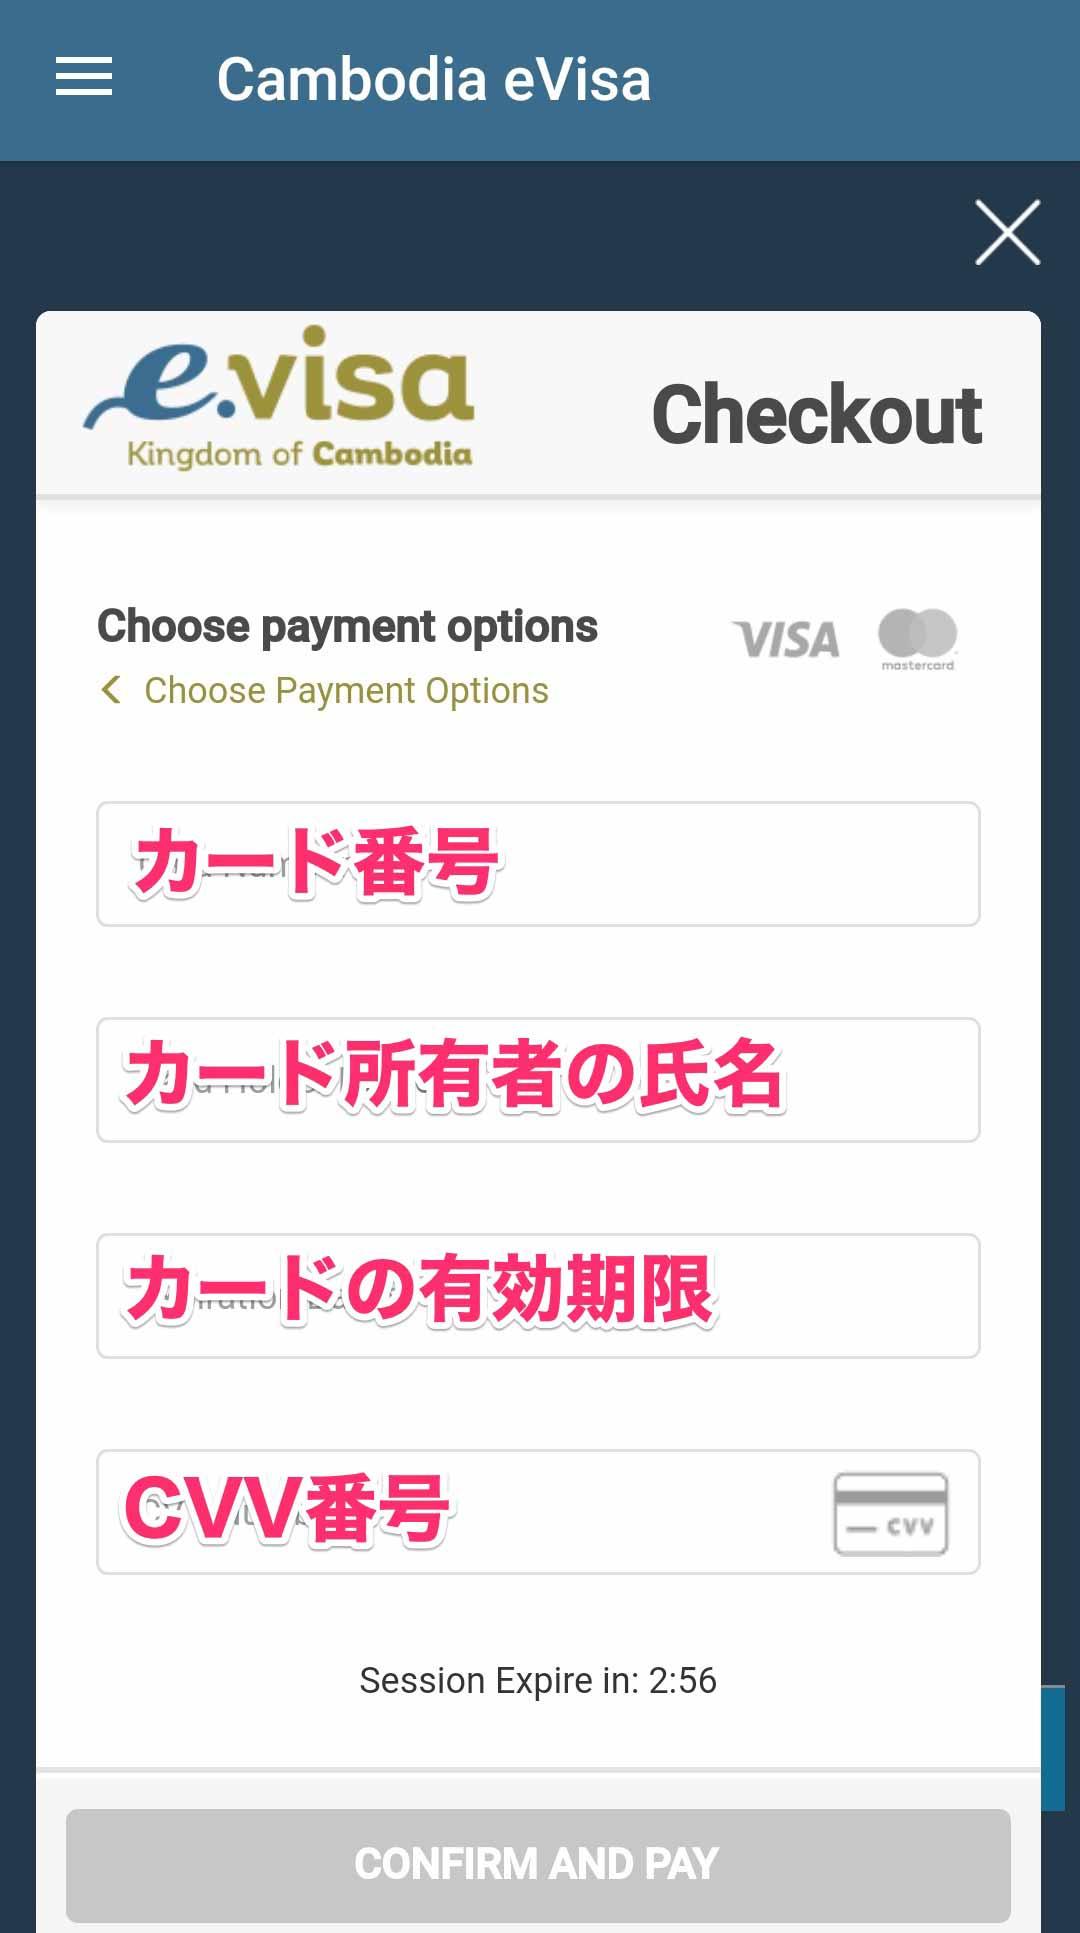 クレジットカードの情報を入力する画面